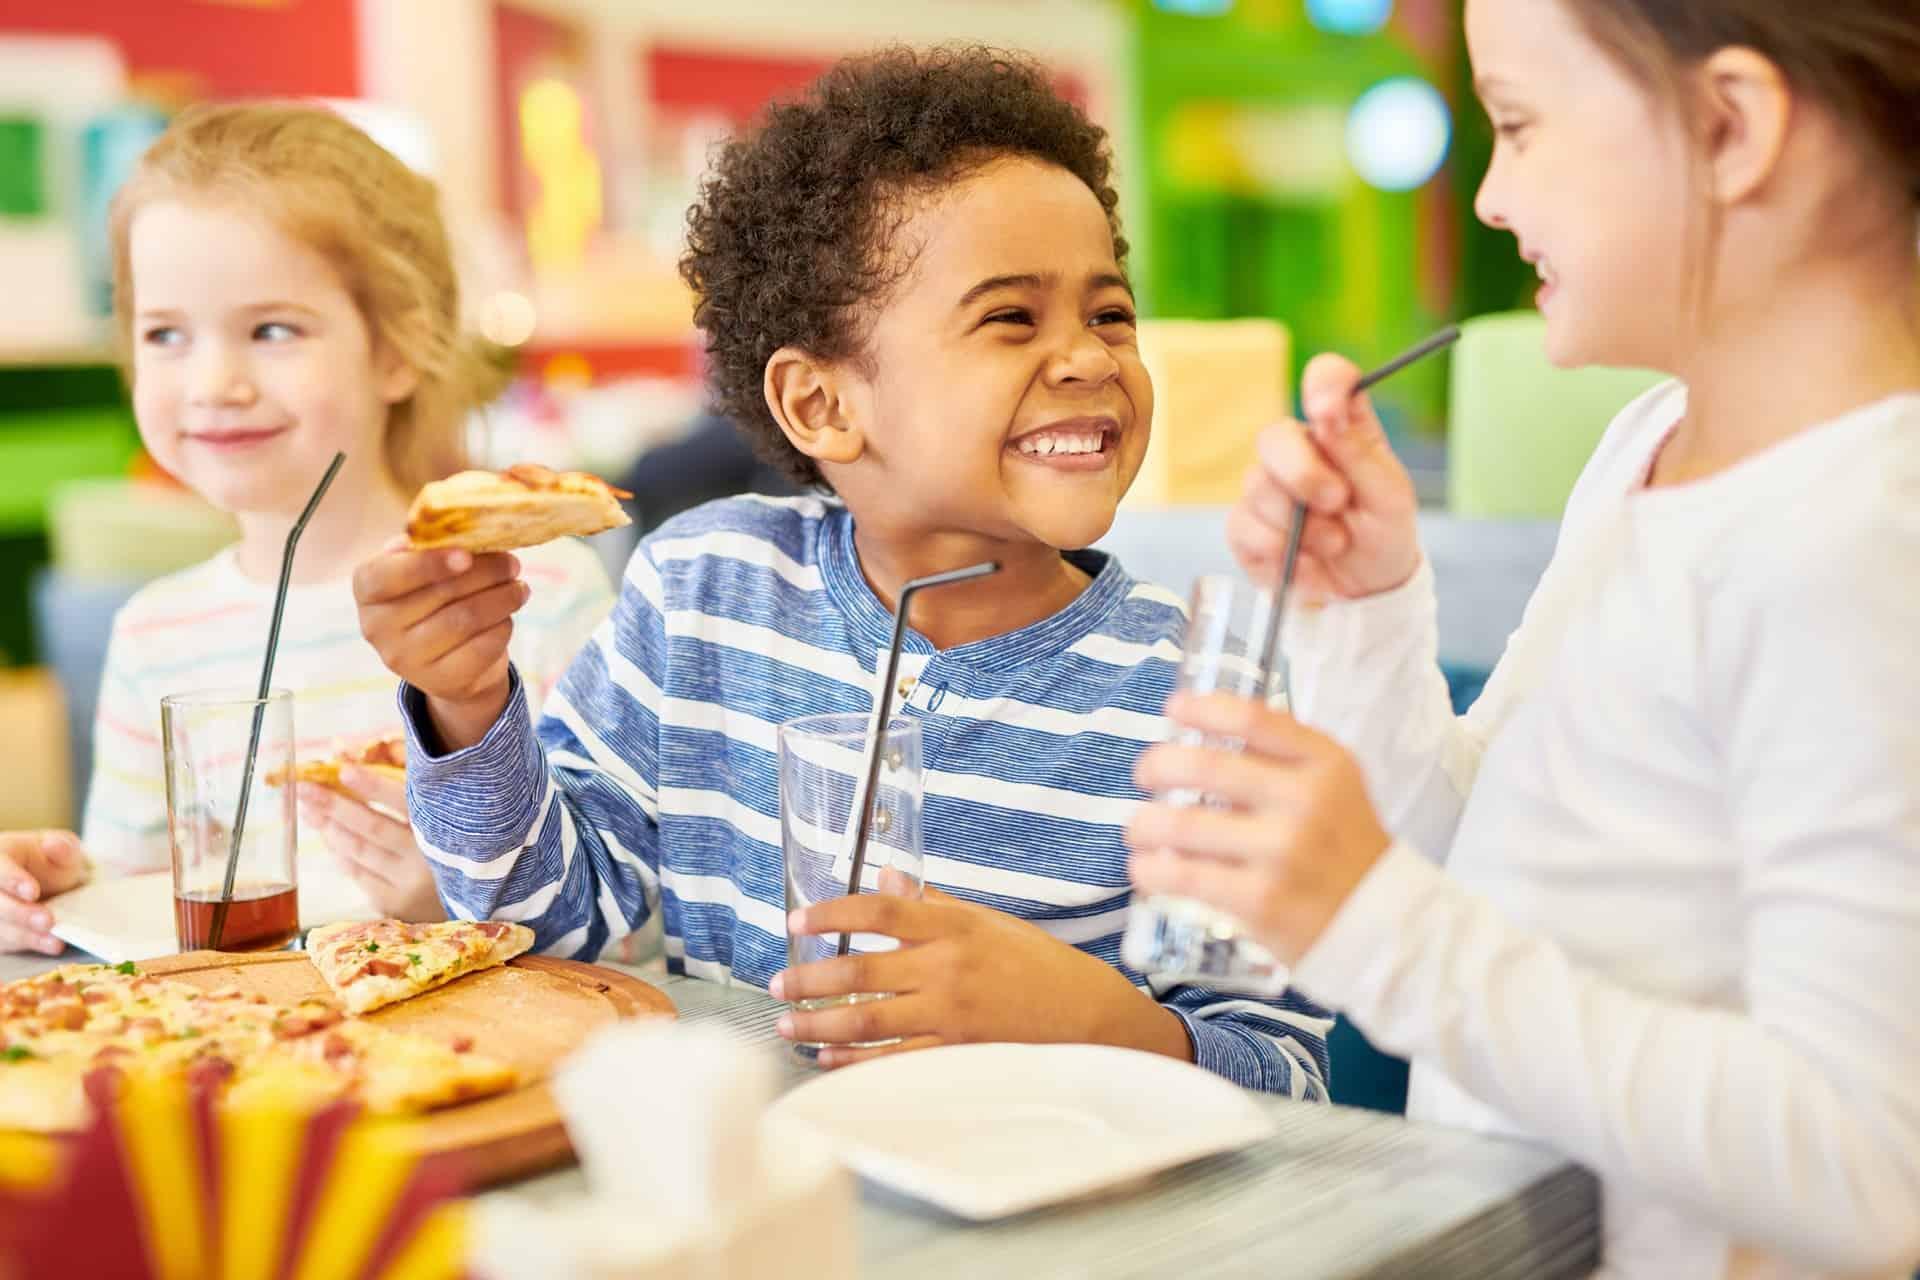 Met de kinderen terug op restaurant: zo hou je het gezellig